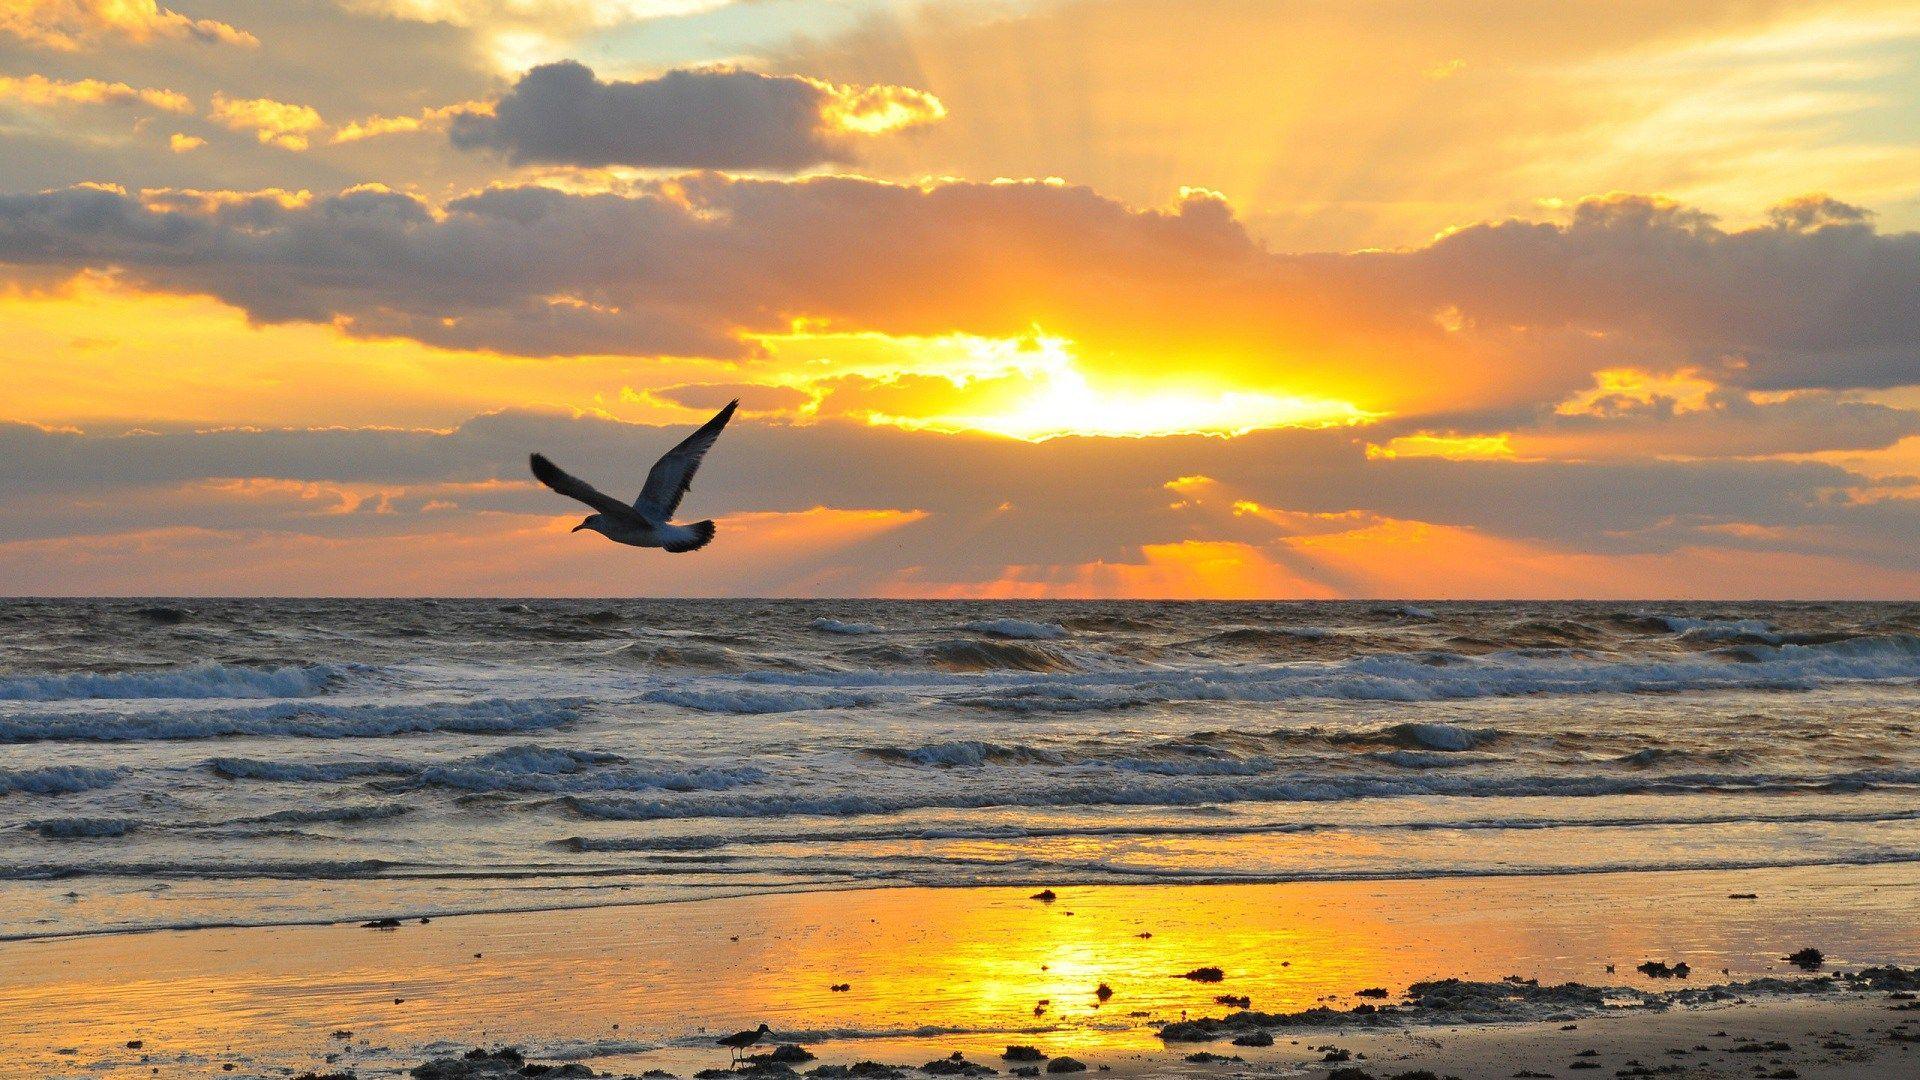 Excelente Fotos Aves Volando Cielo Sugerencias En 2020 Con